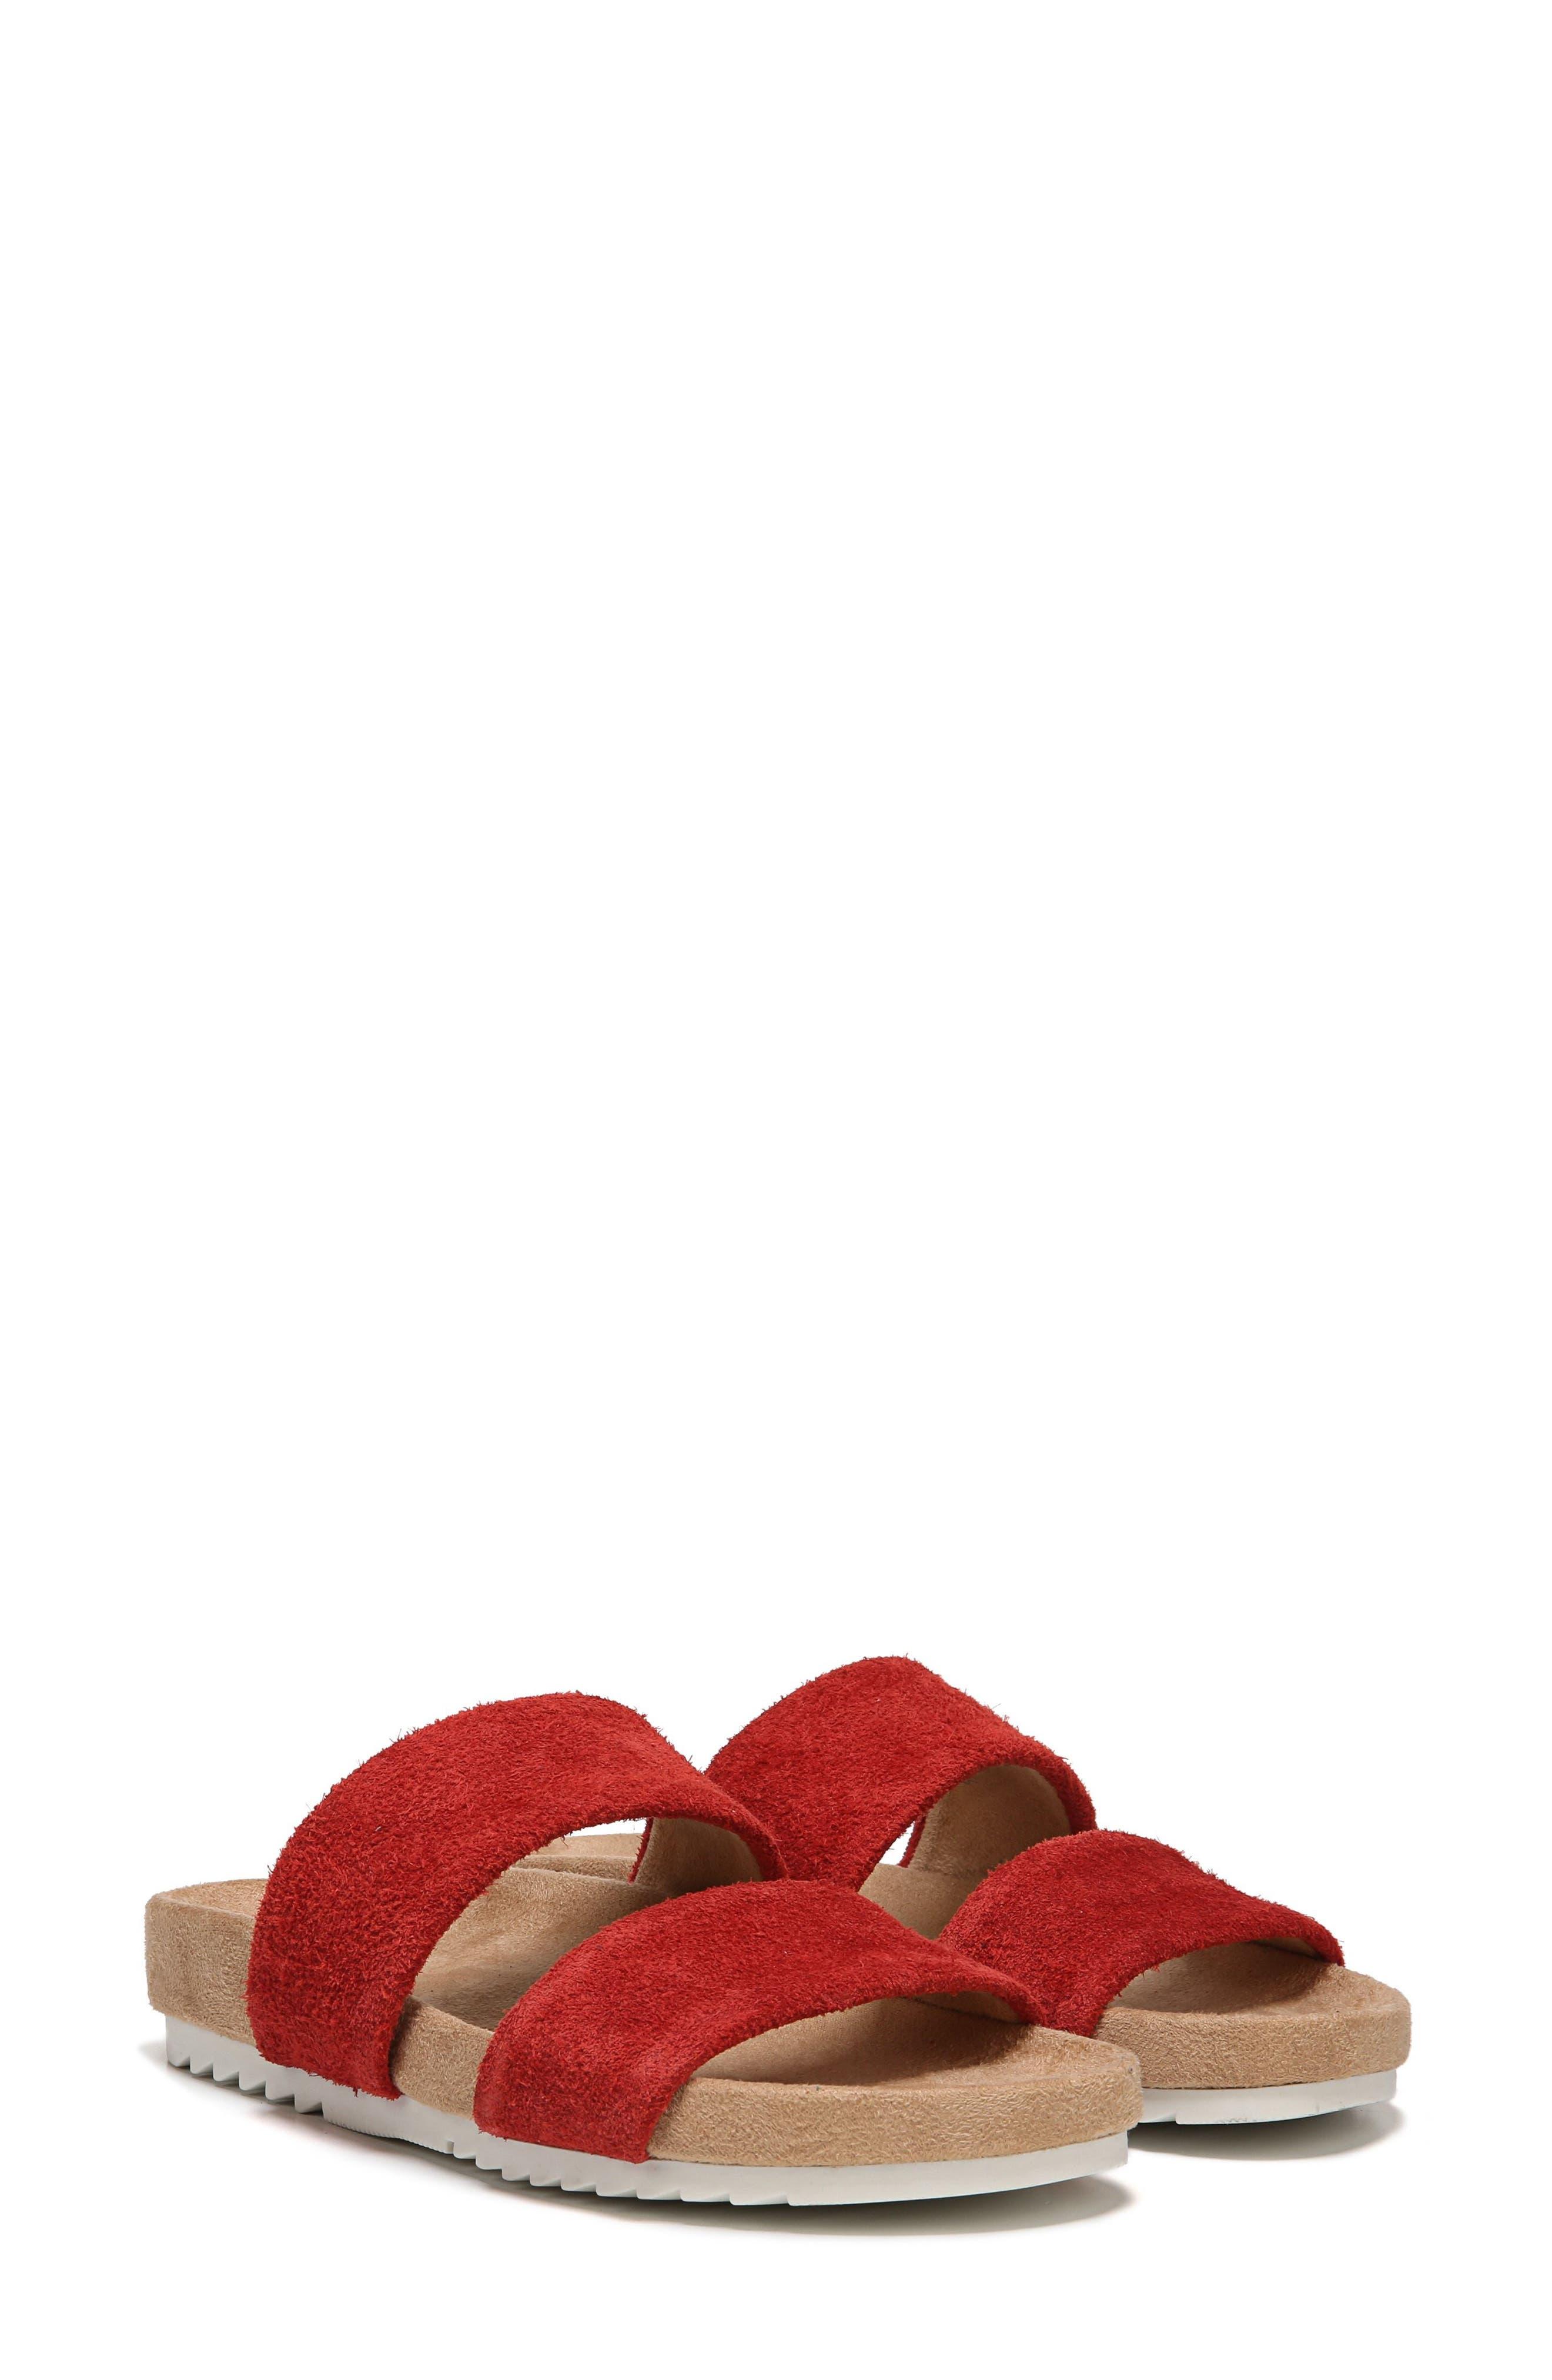 Naturalizer Amabella Slide Sandal- Red